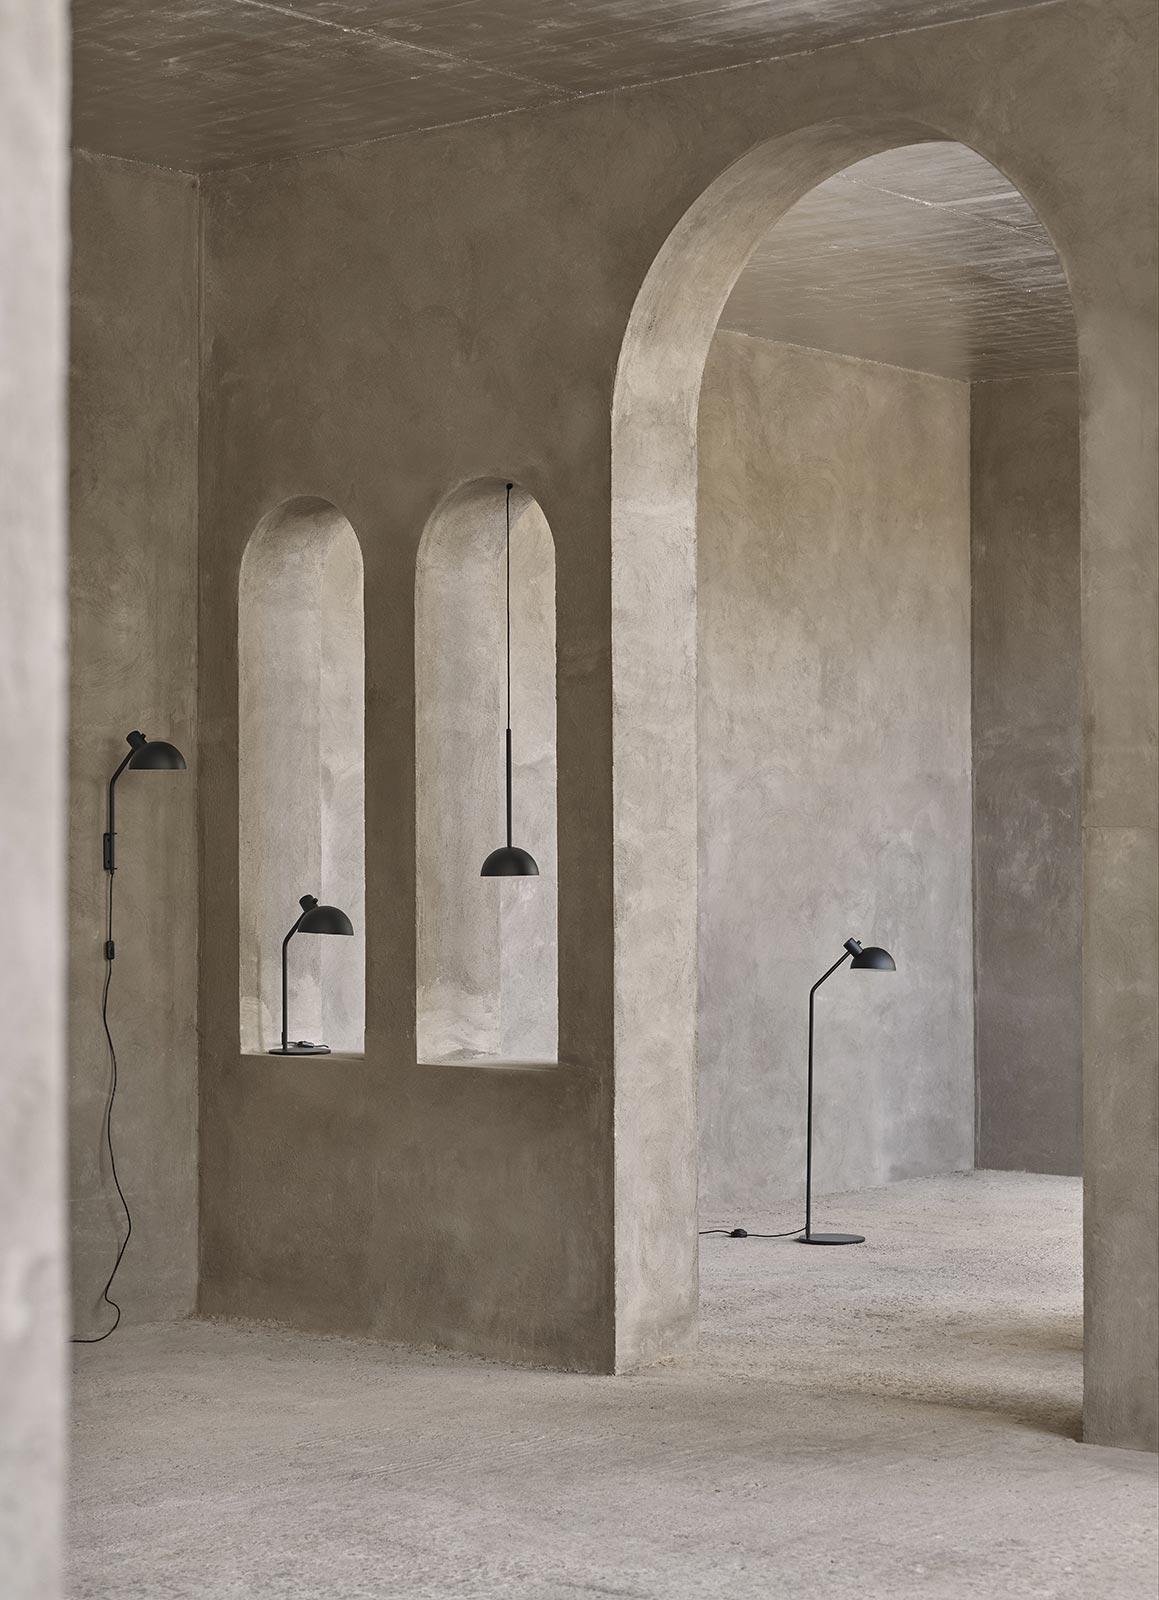 Minimalistische Leuchtenserie von Mads Odgård für Carl Hansen & Søn